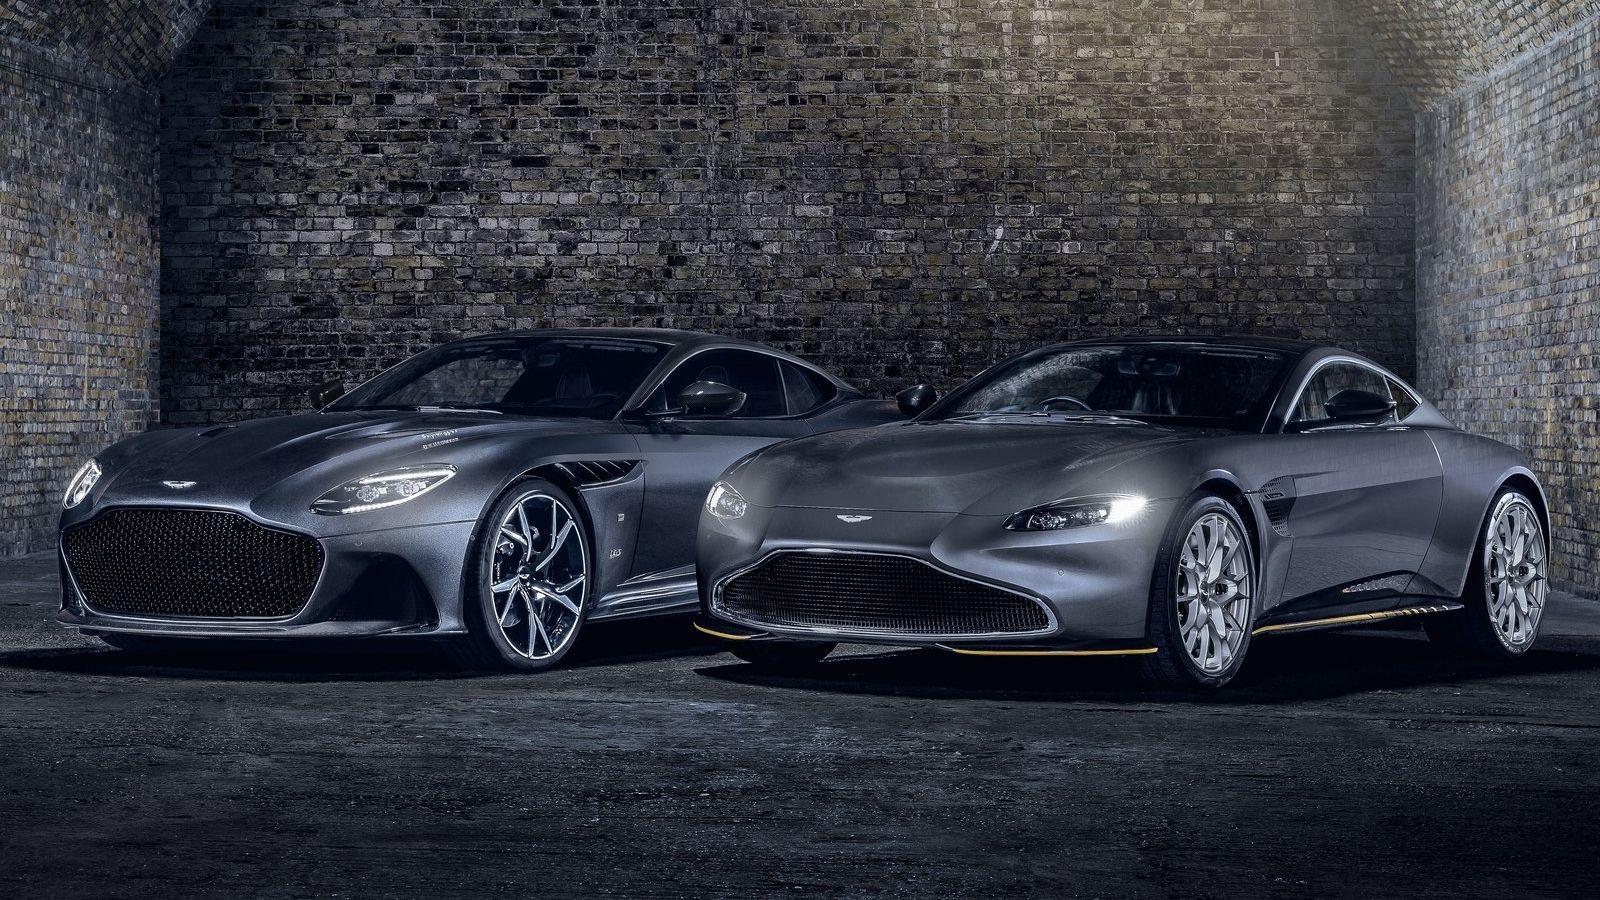 Aston Martin Vantage Y Dbs Superleggera 007 Edition Los Juguetes De James Bond